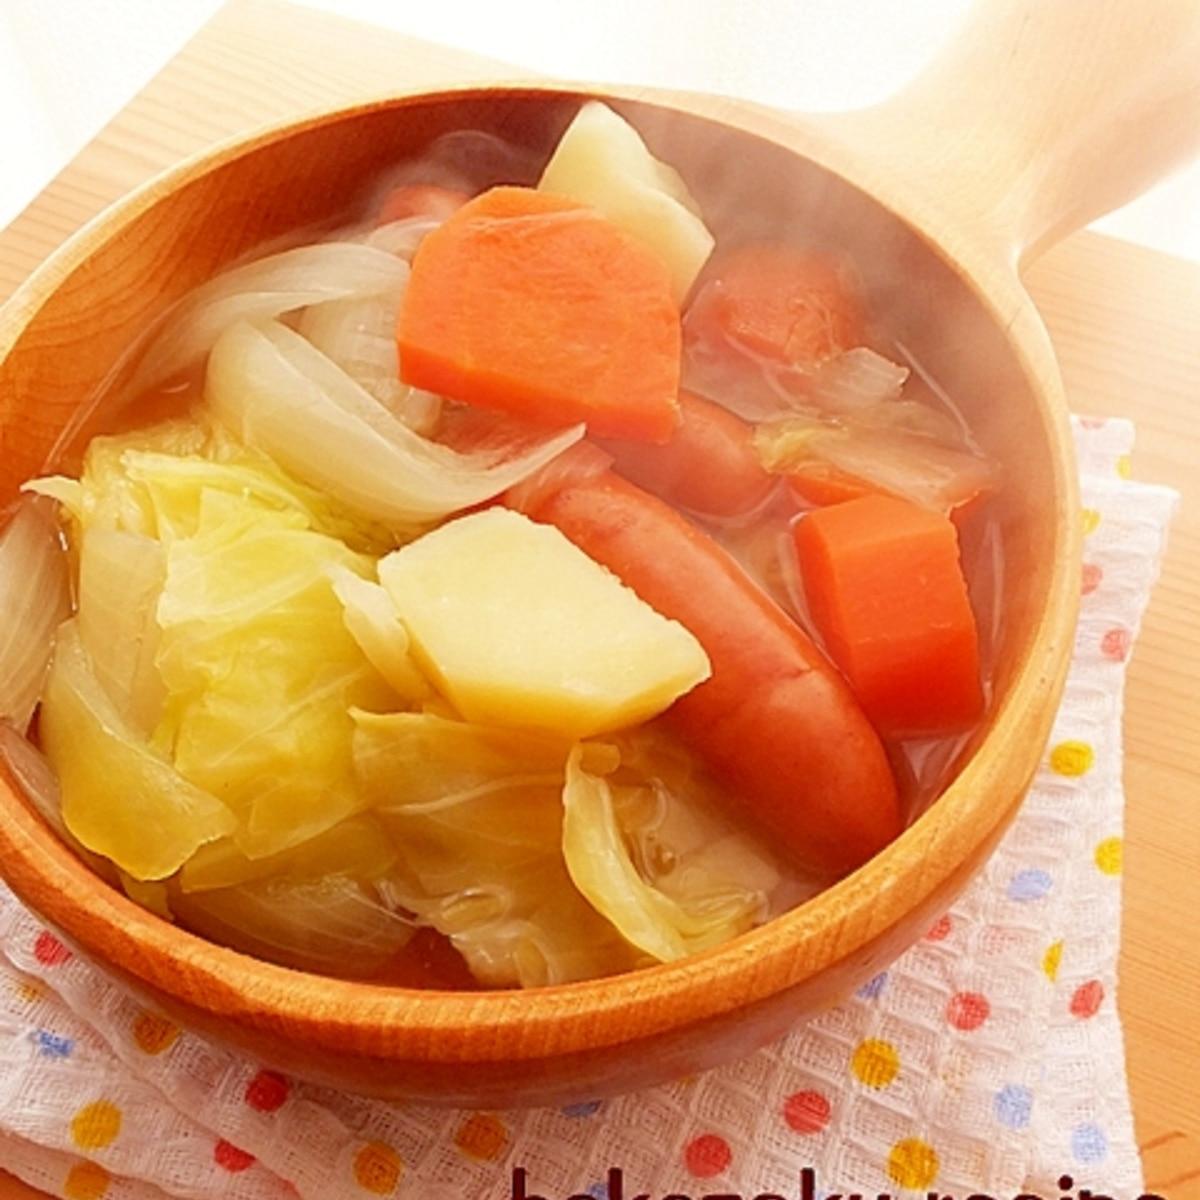 ポトフ レシピ 人気 1 位 人気レシピ 【みんなのきょうの料理】おいしいレシピや献立を探そう